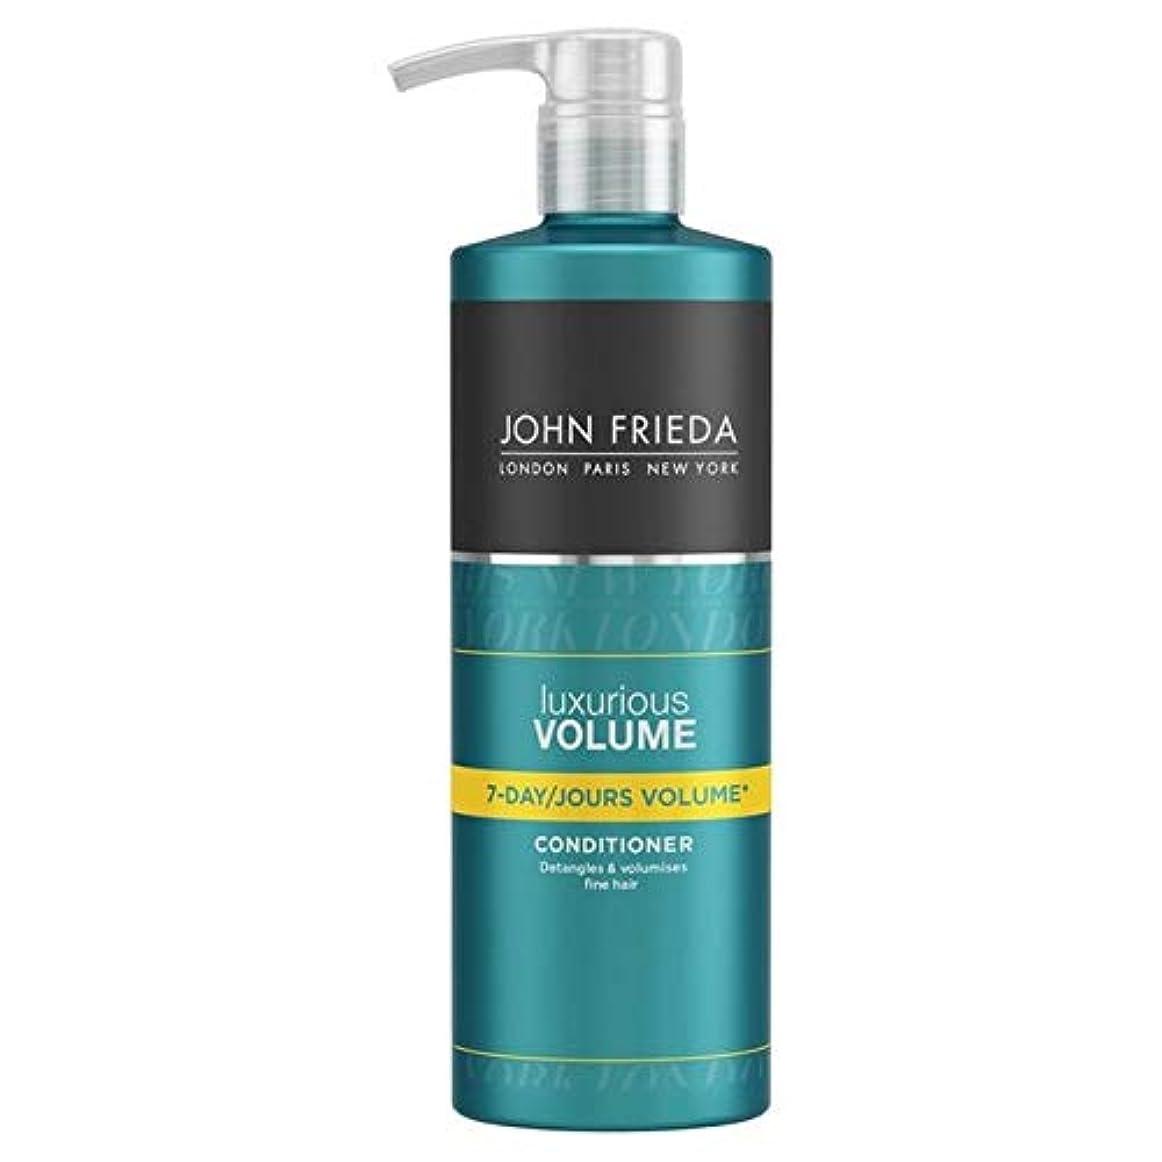 そばに君主制教育者[John Frieda ] ジョン?フリーダ贅沢なボリューム7日間のボリュームコンディショナー500ミリリットル - John Frieda Luxurious Volume Seven Day Volume Conditioner 500ml [並行輸入品]